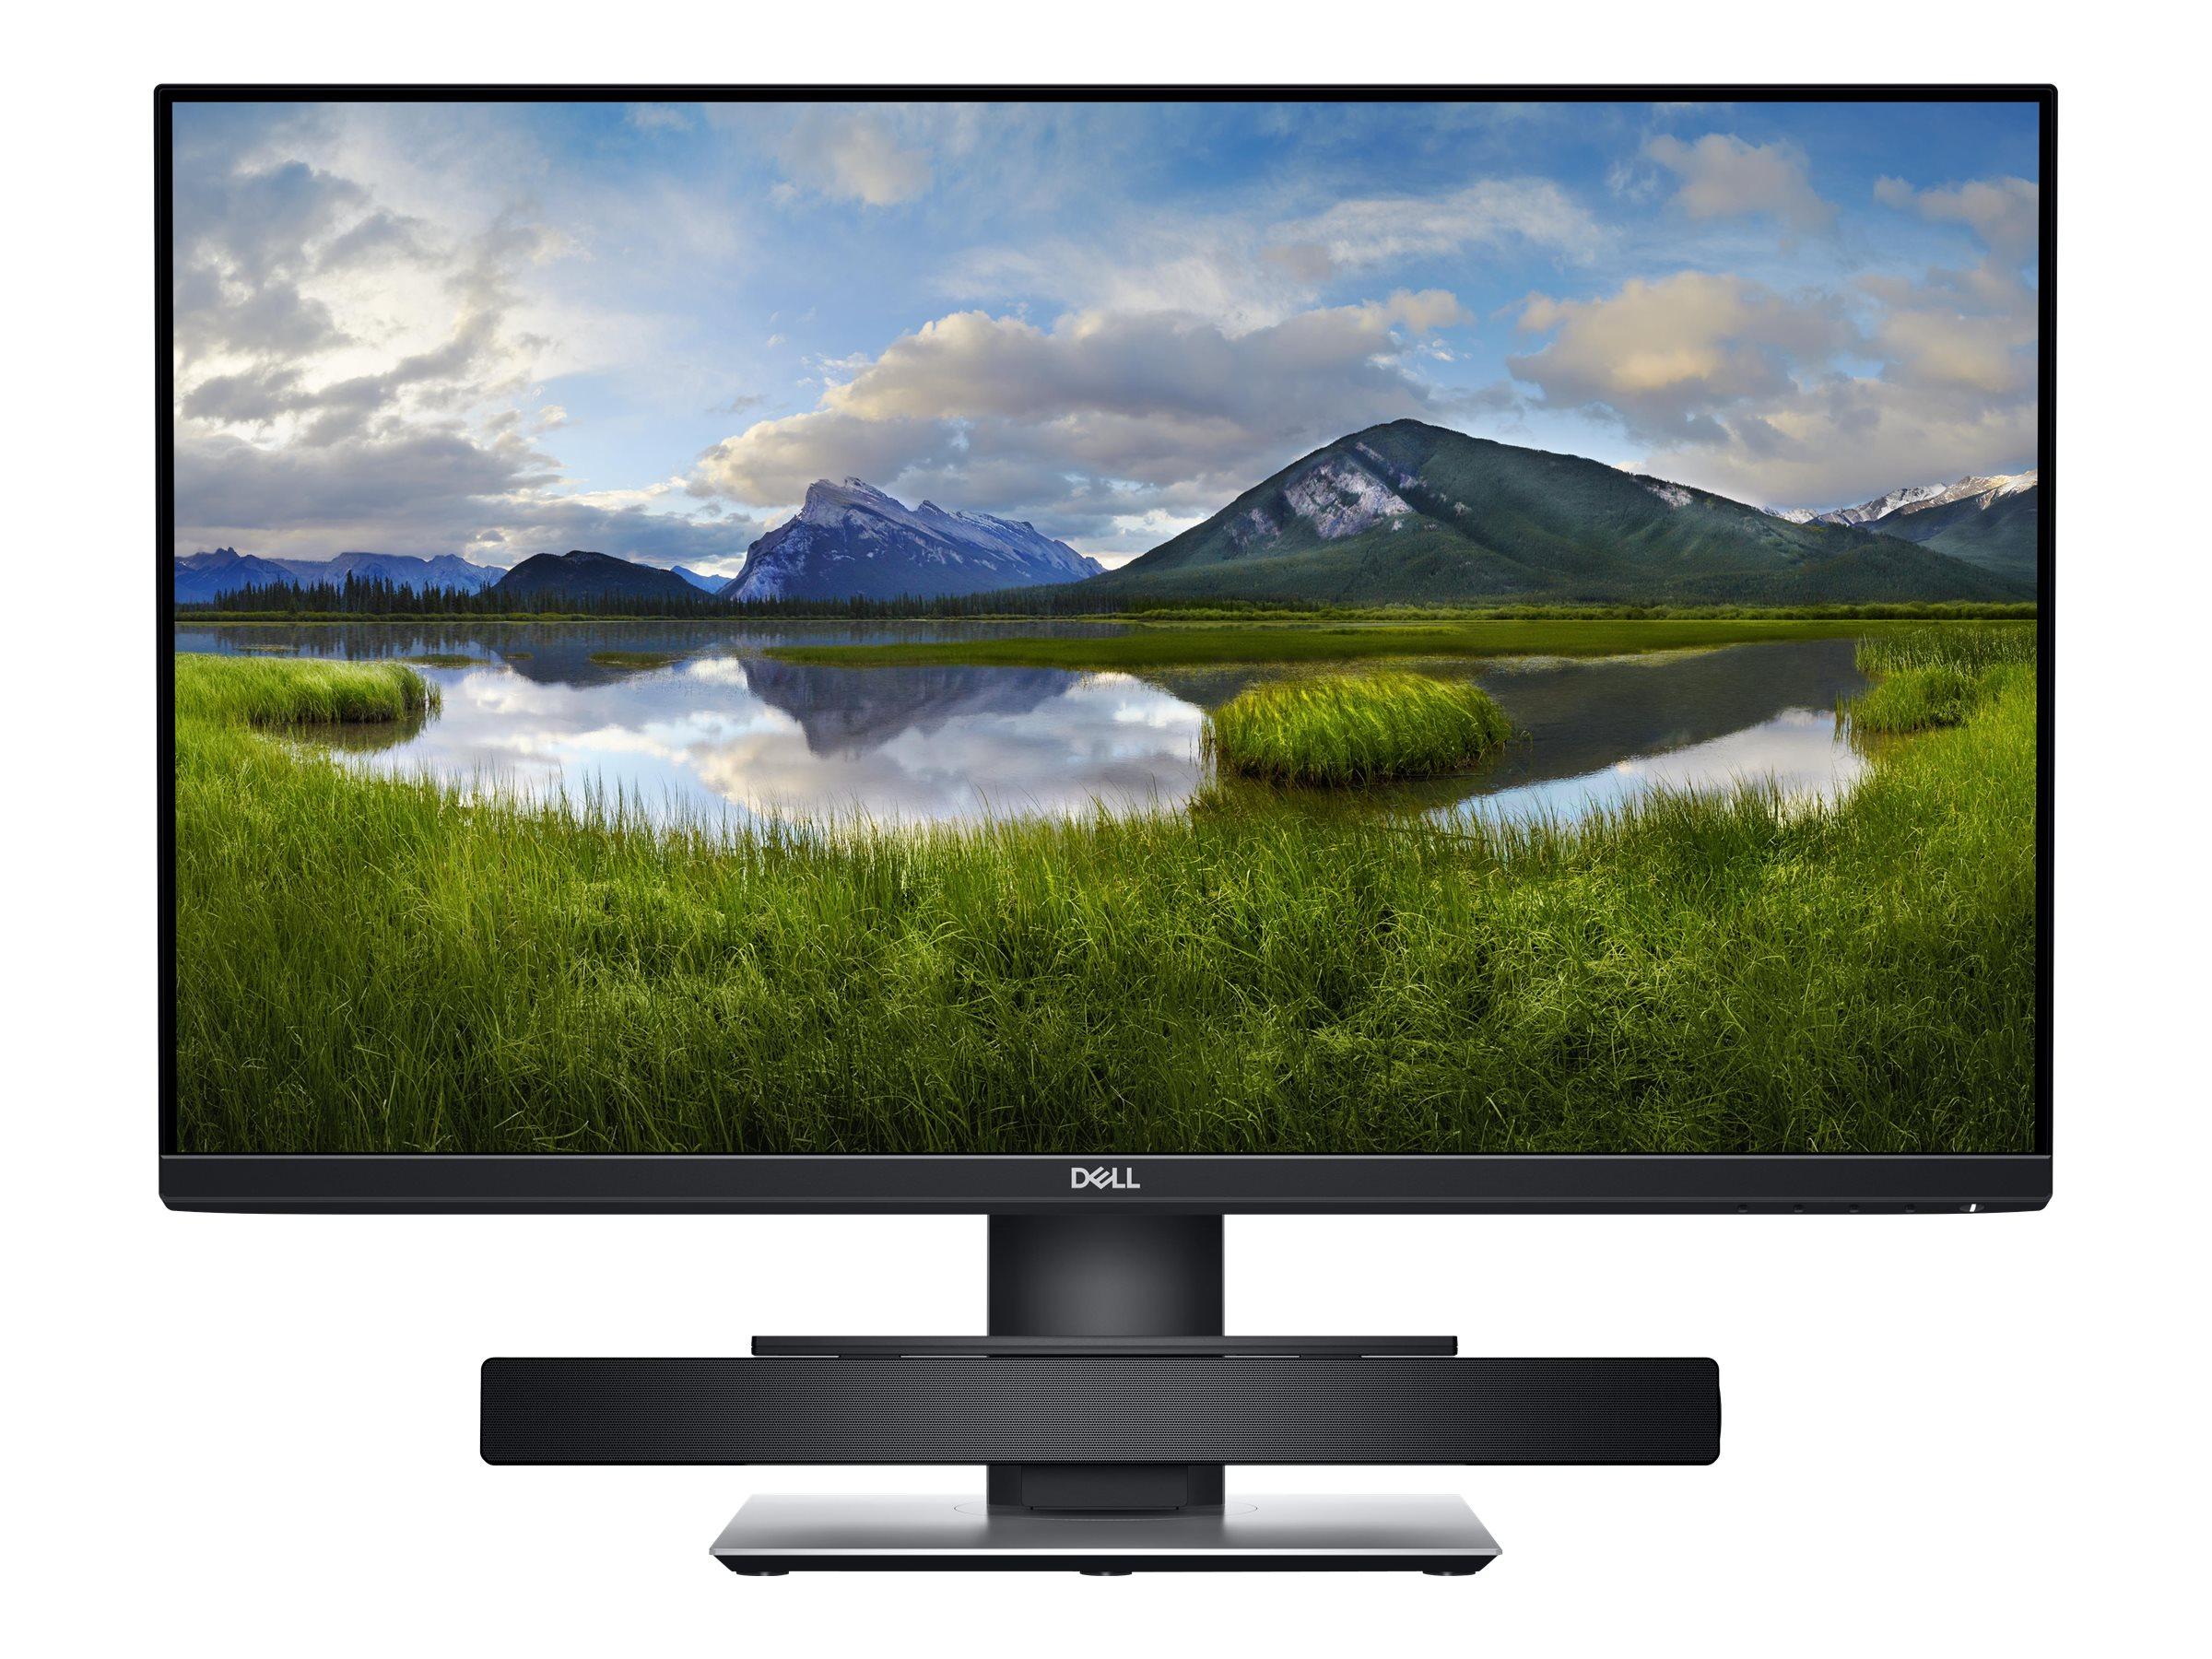 Dell AC511M - Soundbar - für PC - 2.5 Watt - integrierter Verstärker